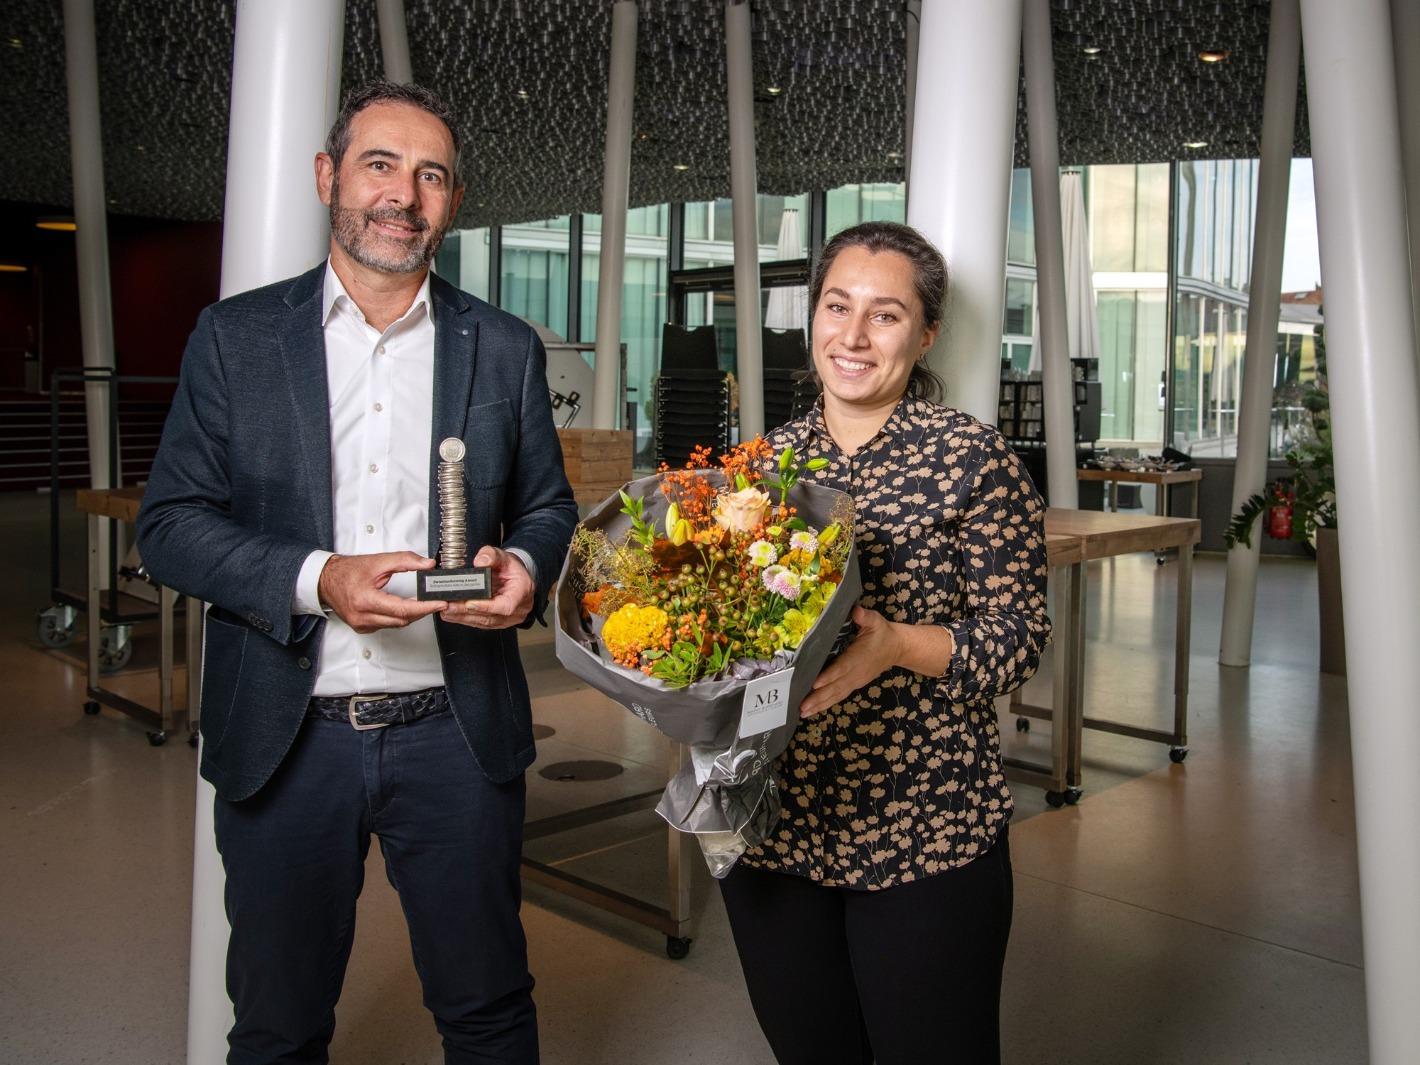 Alain Kappeler und Derya Kilic von SOS-Kinderdorf Schweiz nehmen den Swissfundraising-Award entgegen.